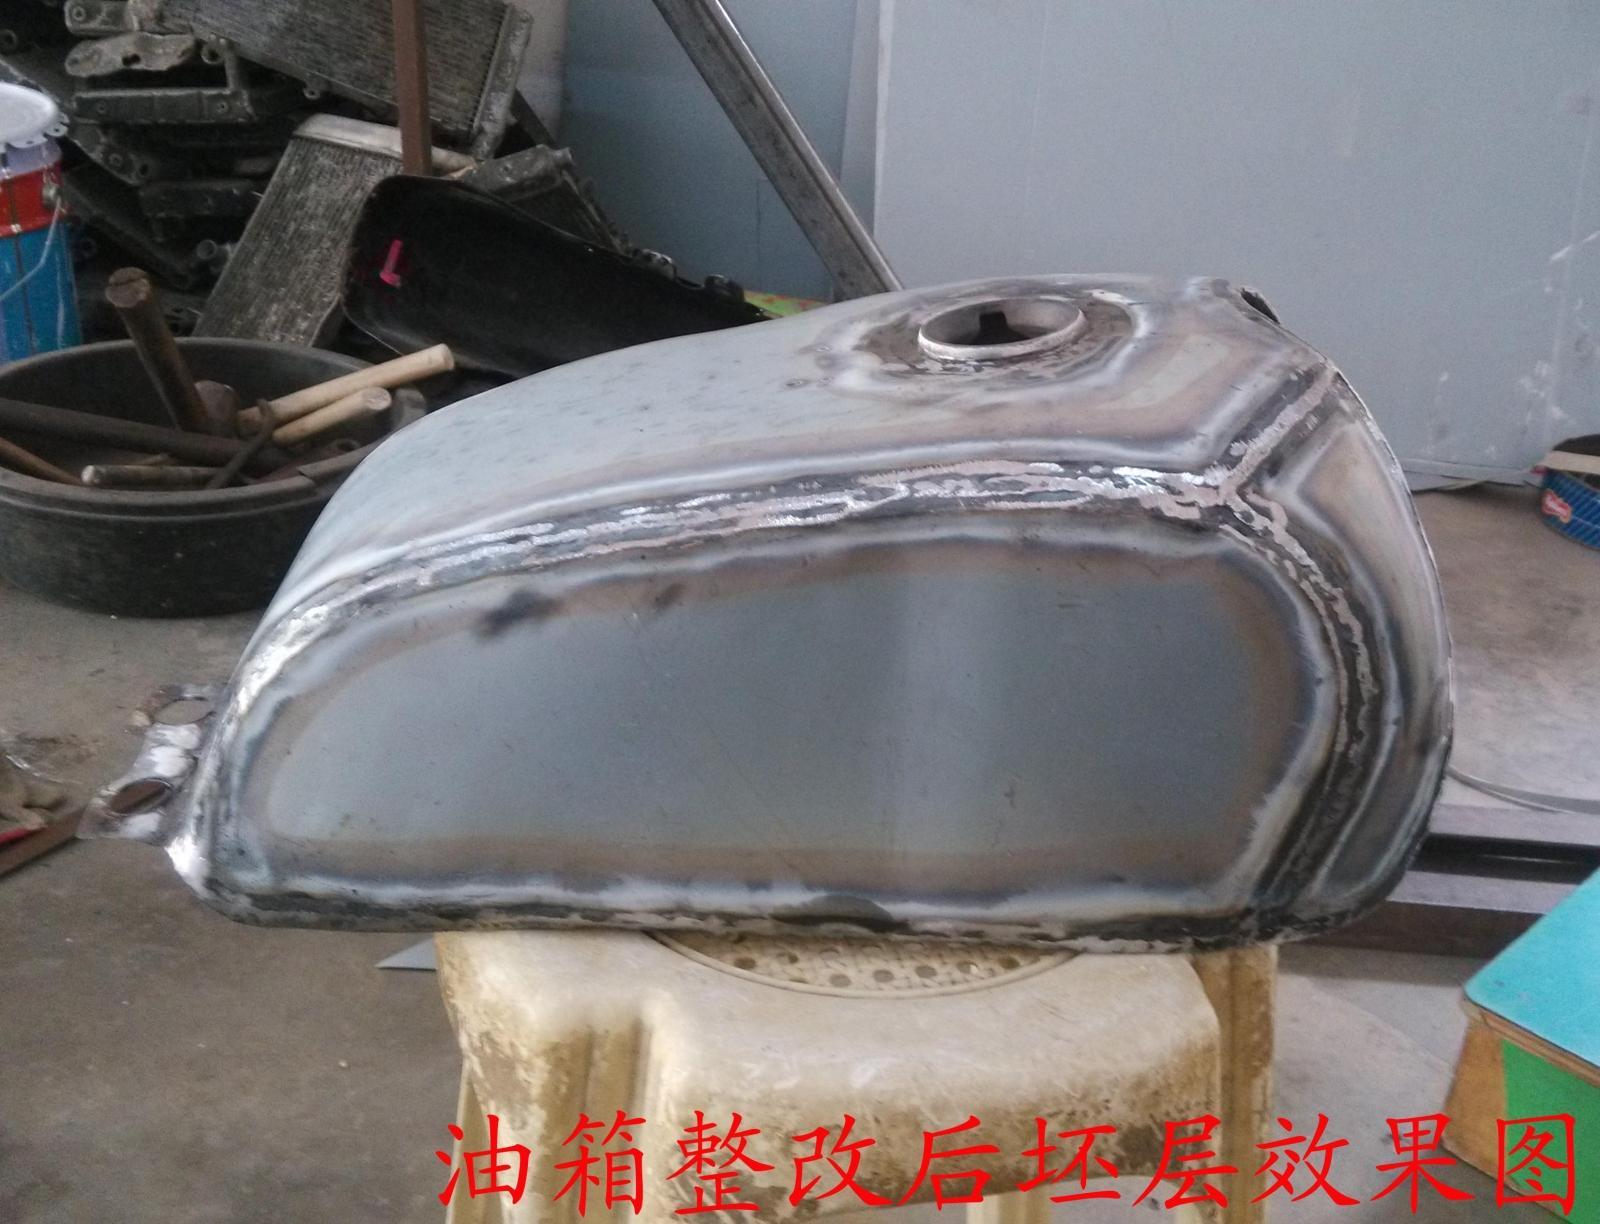 Крышка для топливного бака Tateishi MQ ремонт на различных моделях мотоциклов топливного бака модификации процесса модификации сделан ремонт краска